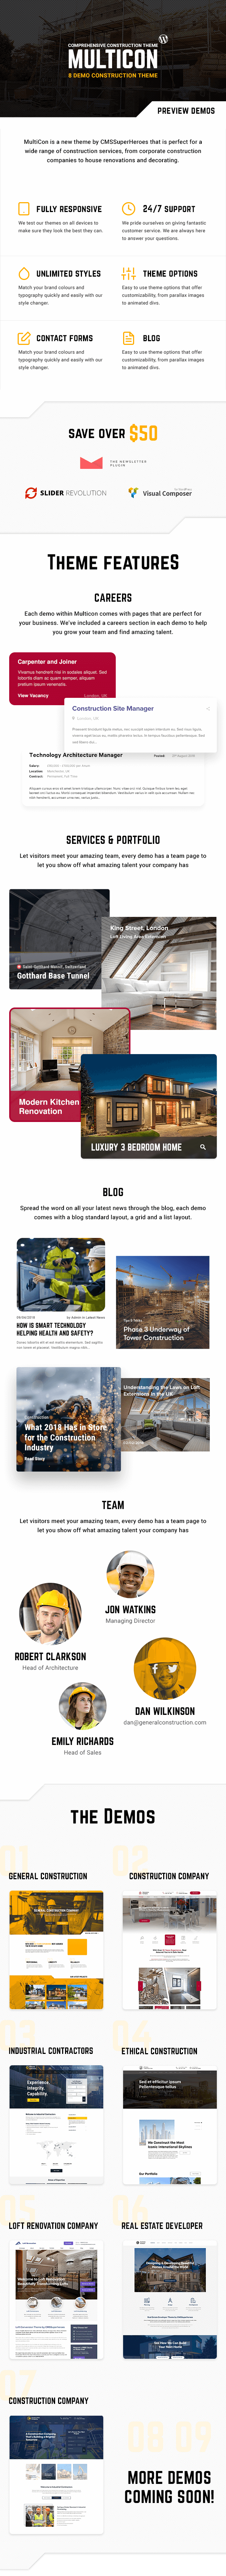 Multicon - Multi-Purpose Construction Industry Theme